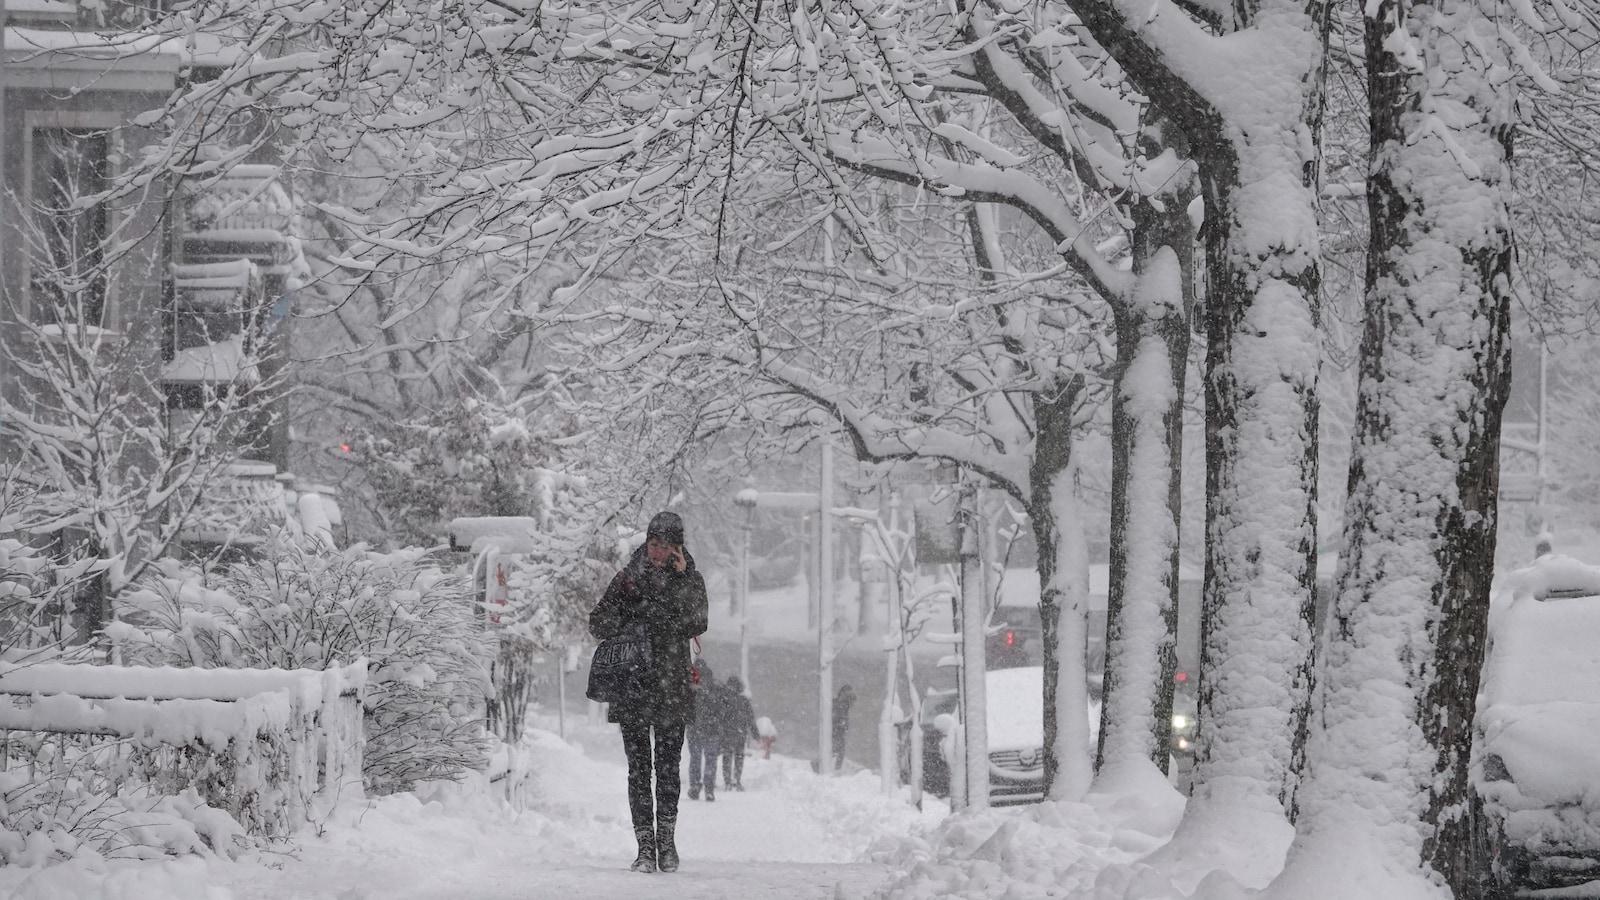 Une femme marche sur le trottoir, entourée d'arbres enneigés.